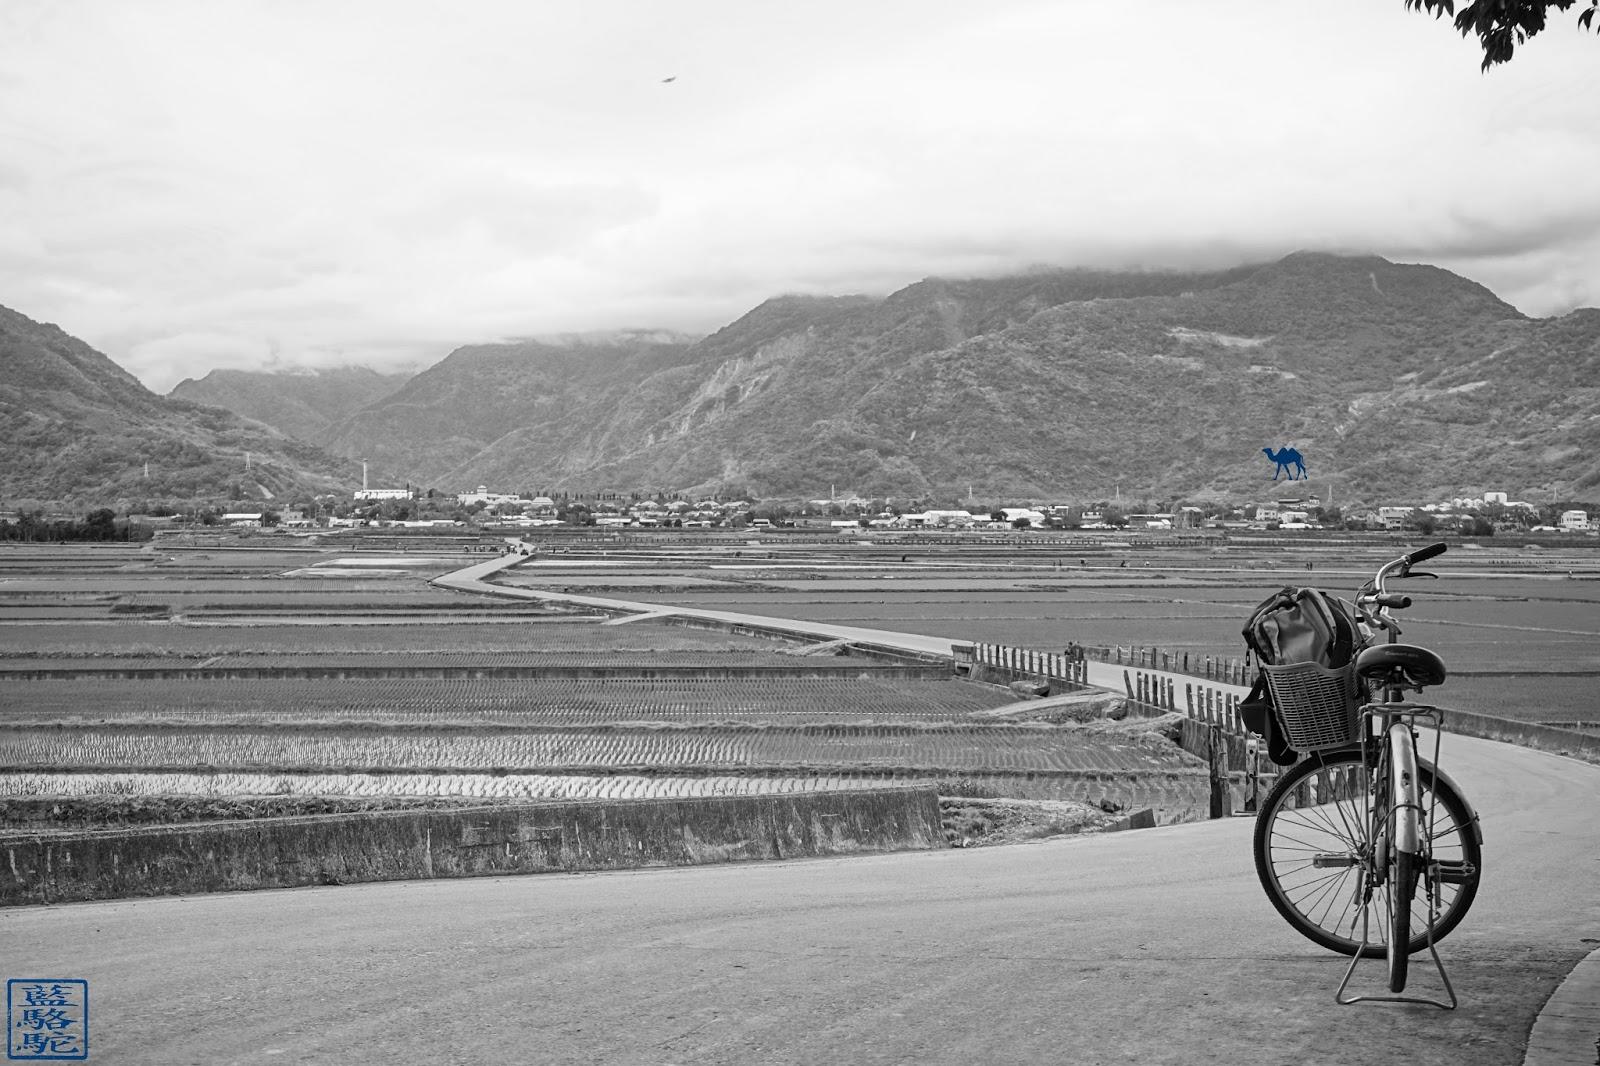 Le Chameau Bleu - Riziere et Velo à ShiChang - Voyage à Taiwan